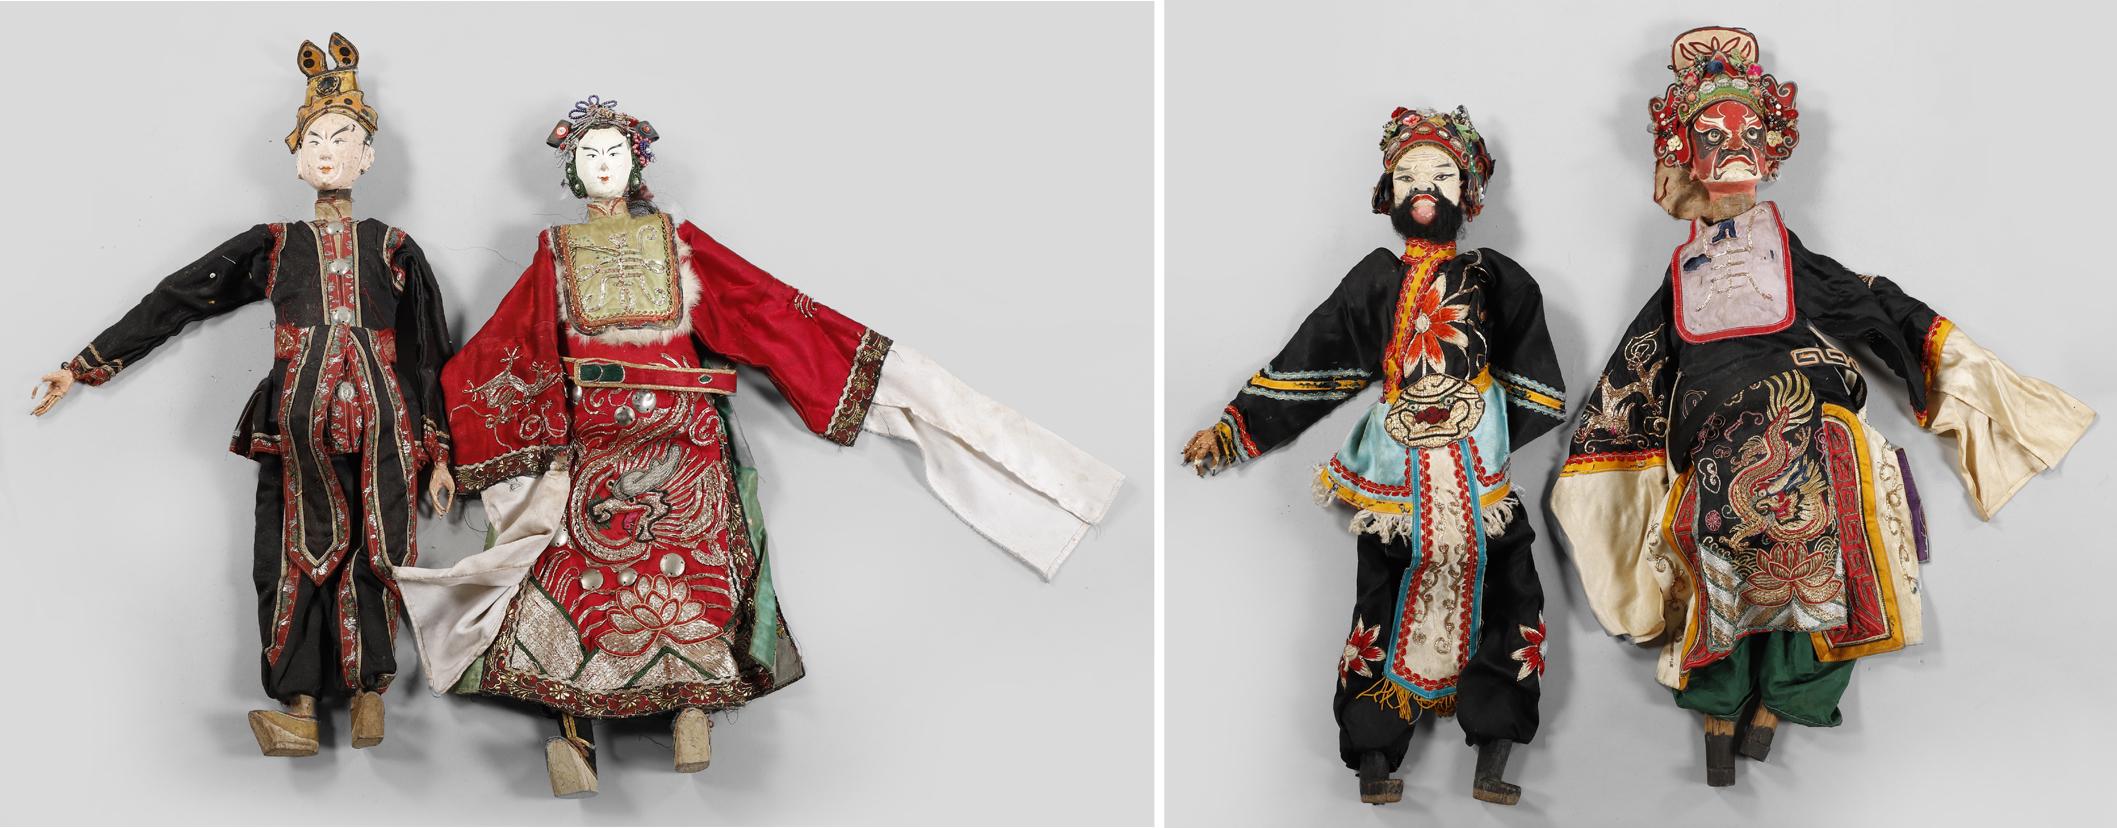 再生A-早期 嘉禮戲 傀偶 一大批 下拍前請至現場檢查 A Group of Vintage Traditional Taiwanese Puppets(RH-IEU13)RL